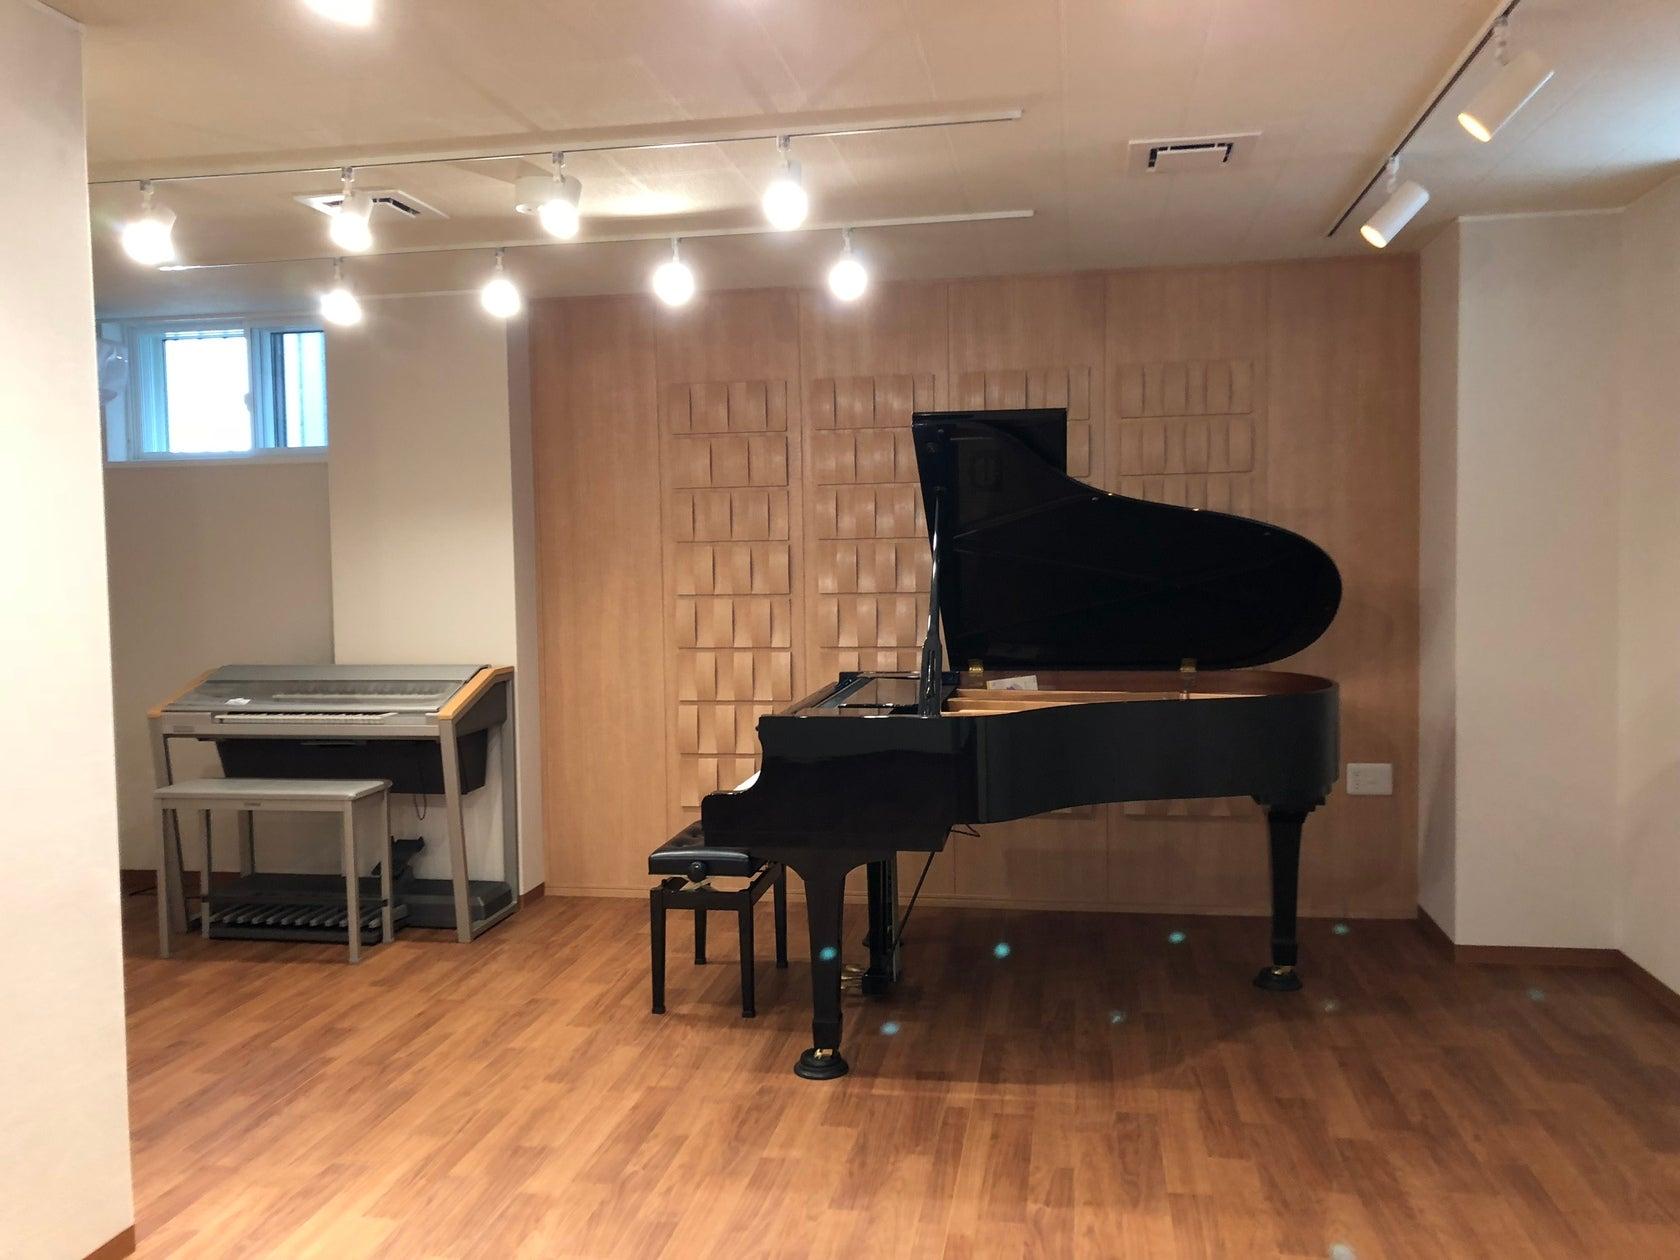 福岡市中央区の音楽スタジオ!グランドピアノ設置!楽器の練習・ミニコンサート・ダンス・セミナーに!